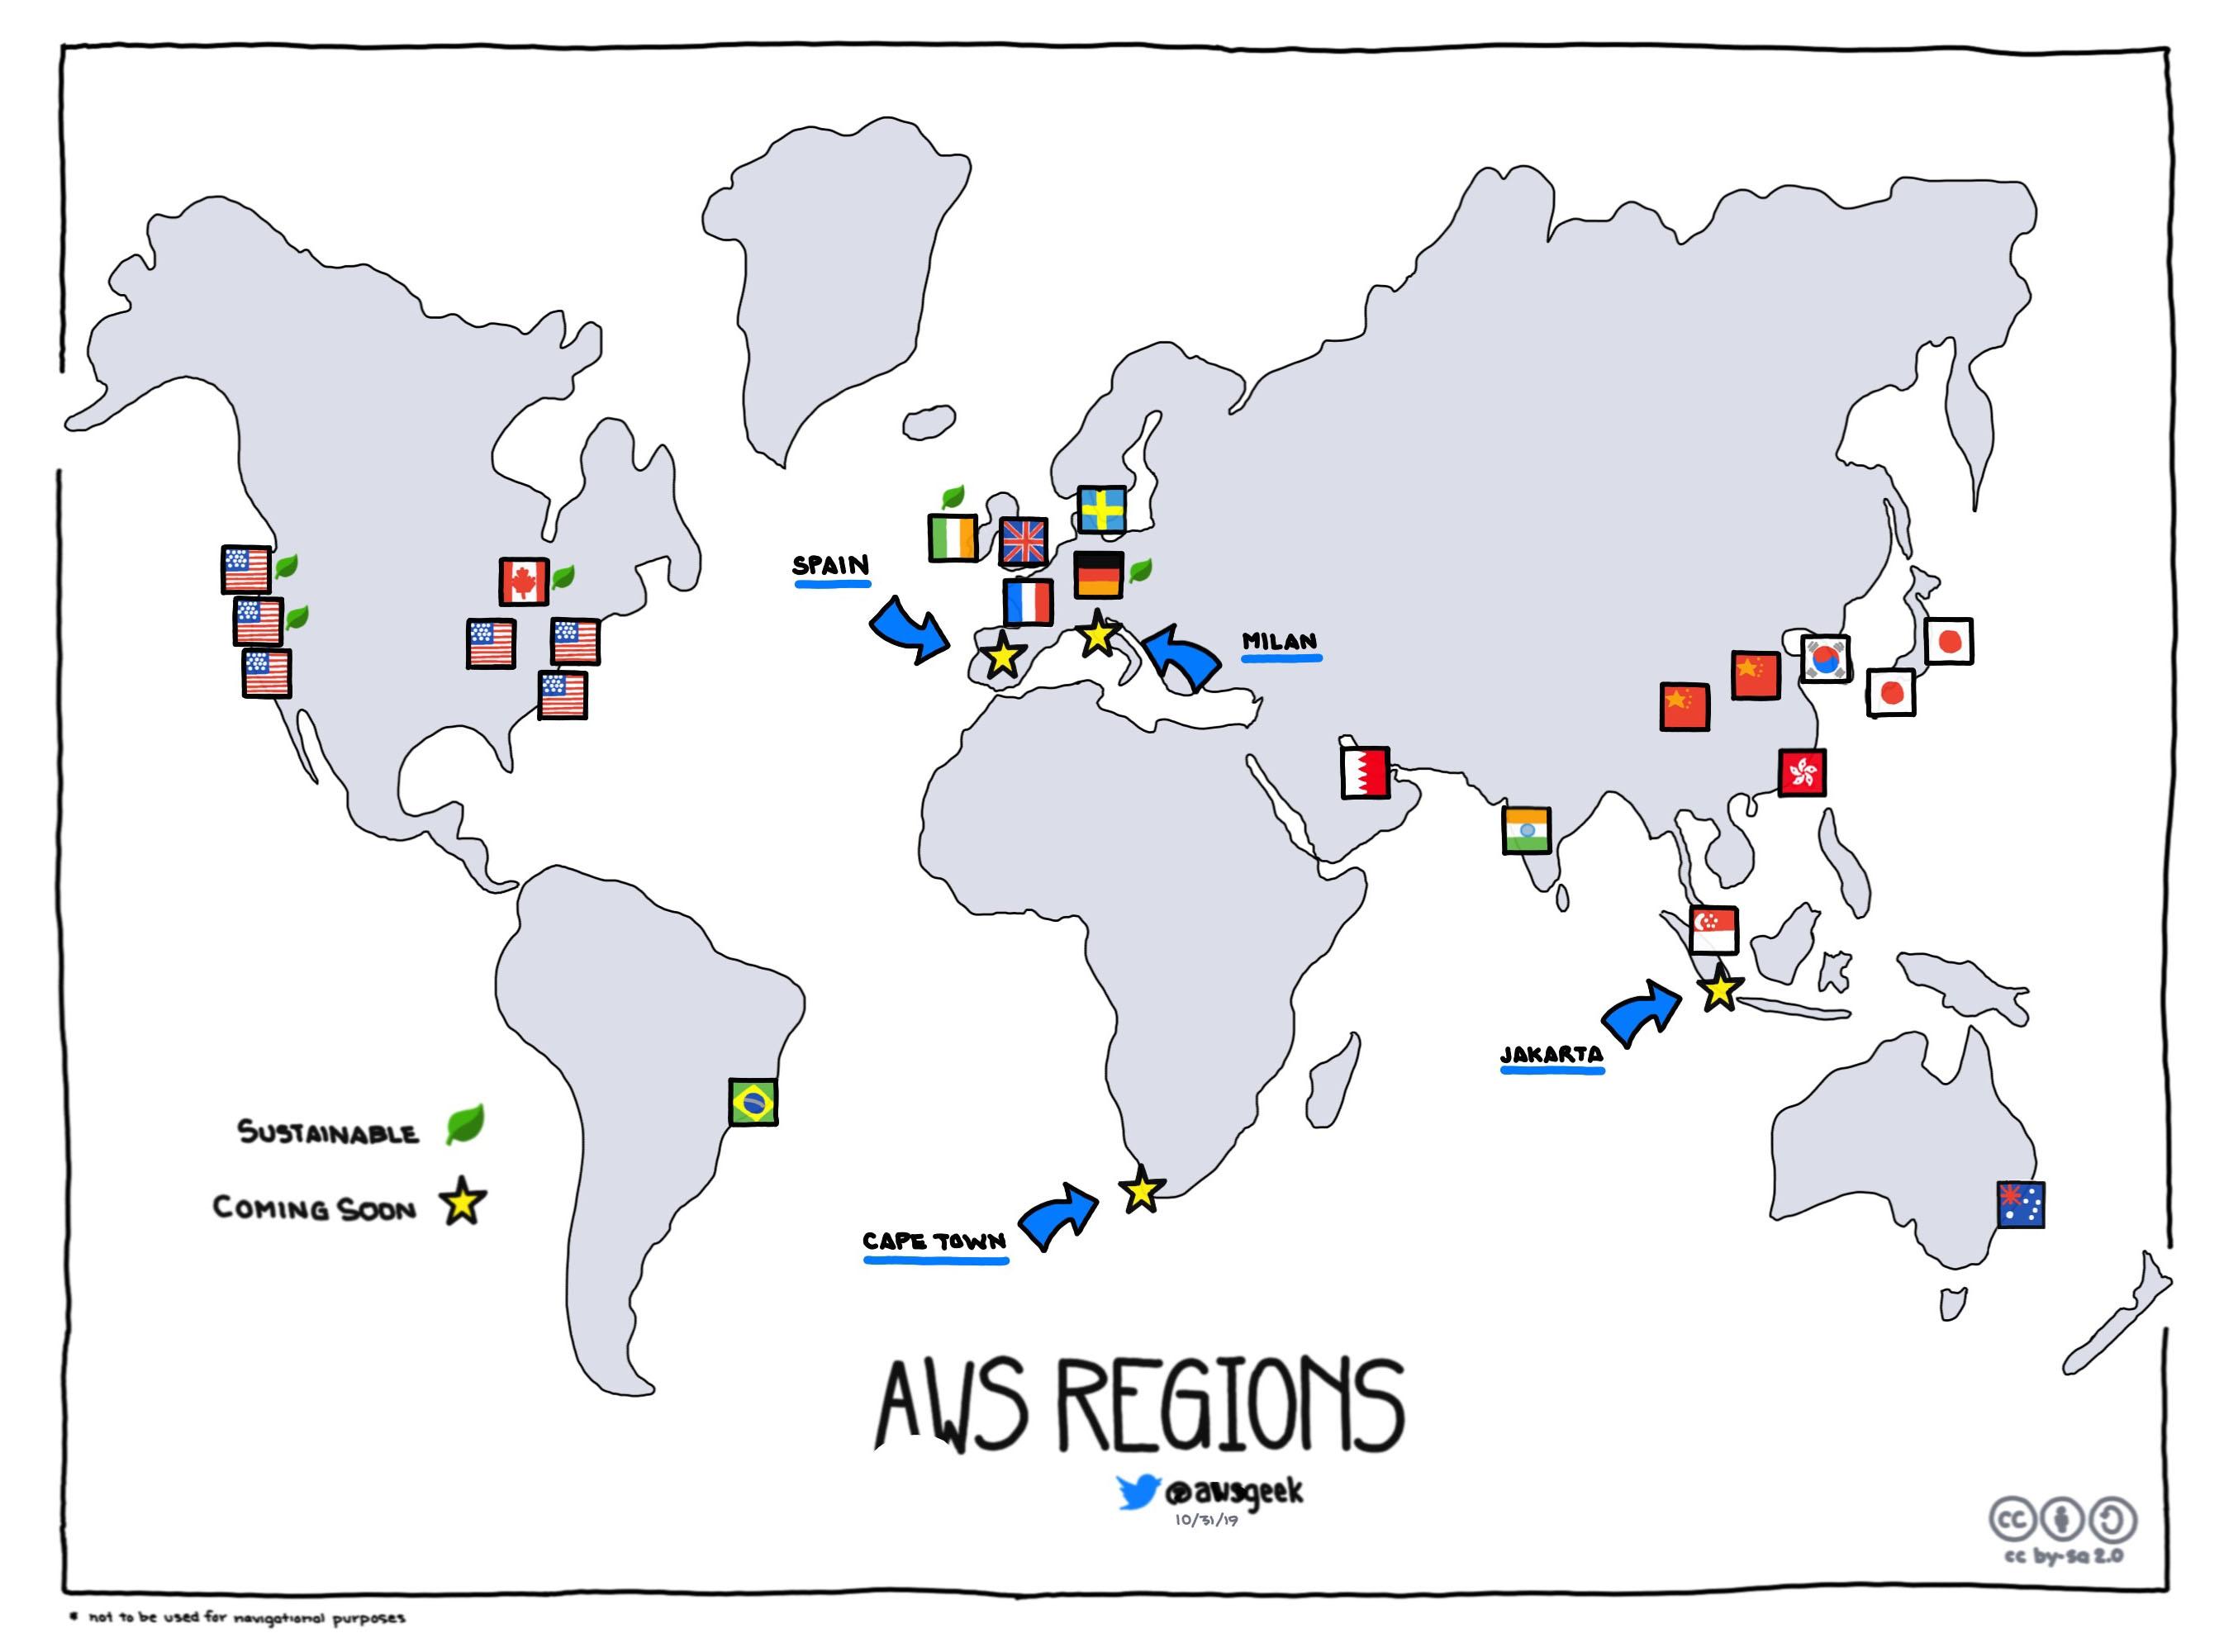 Регионы AWS. Зеленый лист обозначает экологичные источники энергии. Источник: https://www.awsgeek.com/AWS-Regions/index.html